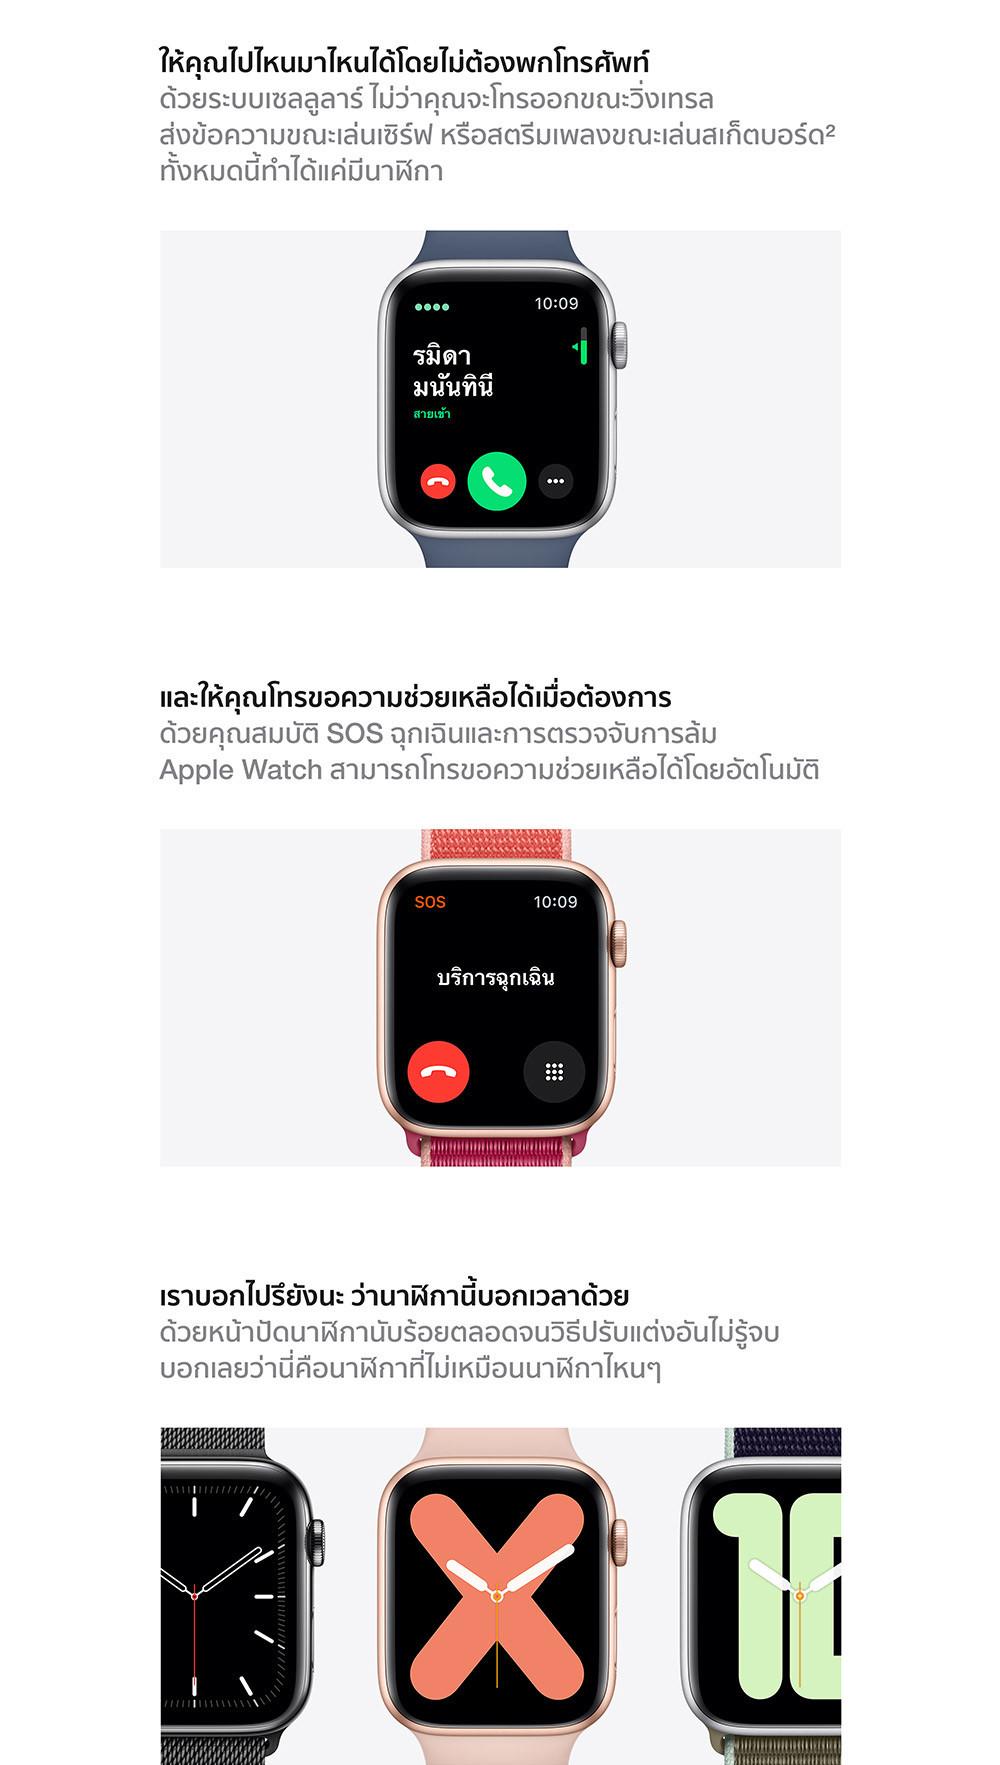 c5applewatchseries55.jpg